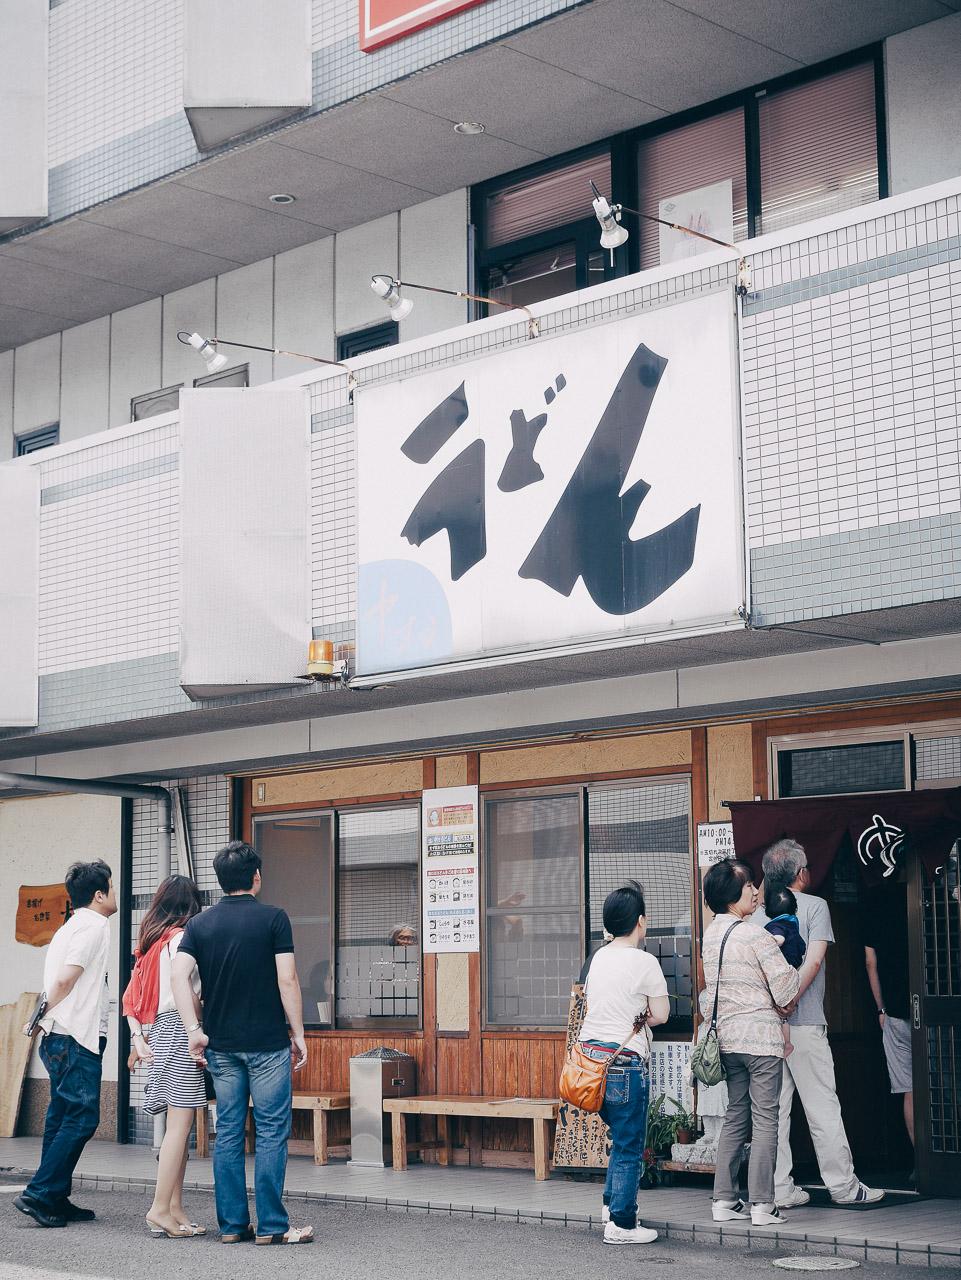 Short Trip to Kagawa【2】- 引き続き、讃岐うどん。そして直島へ。